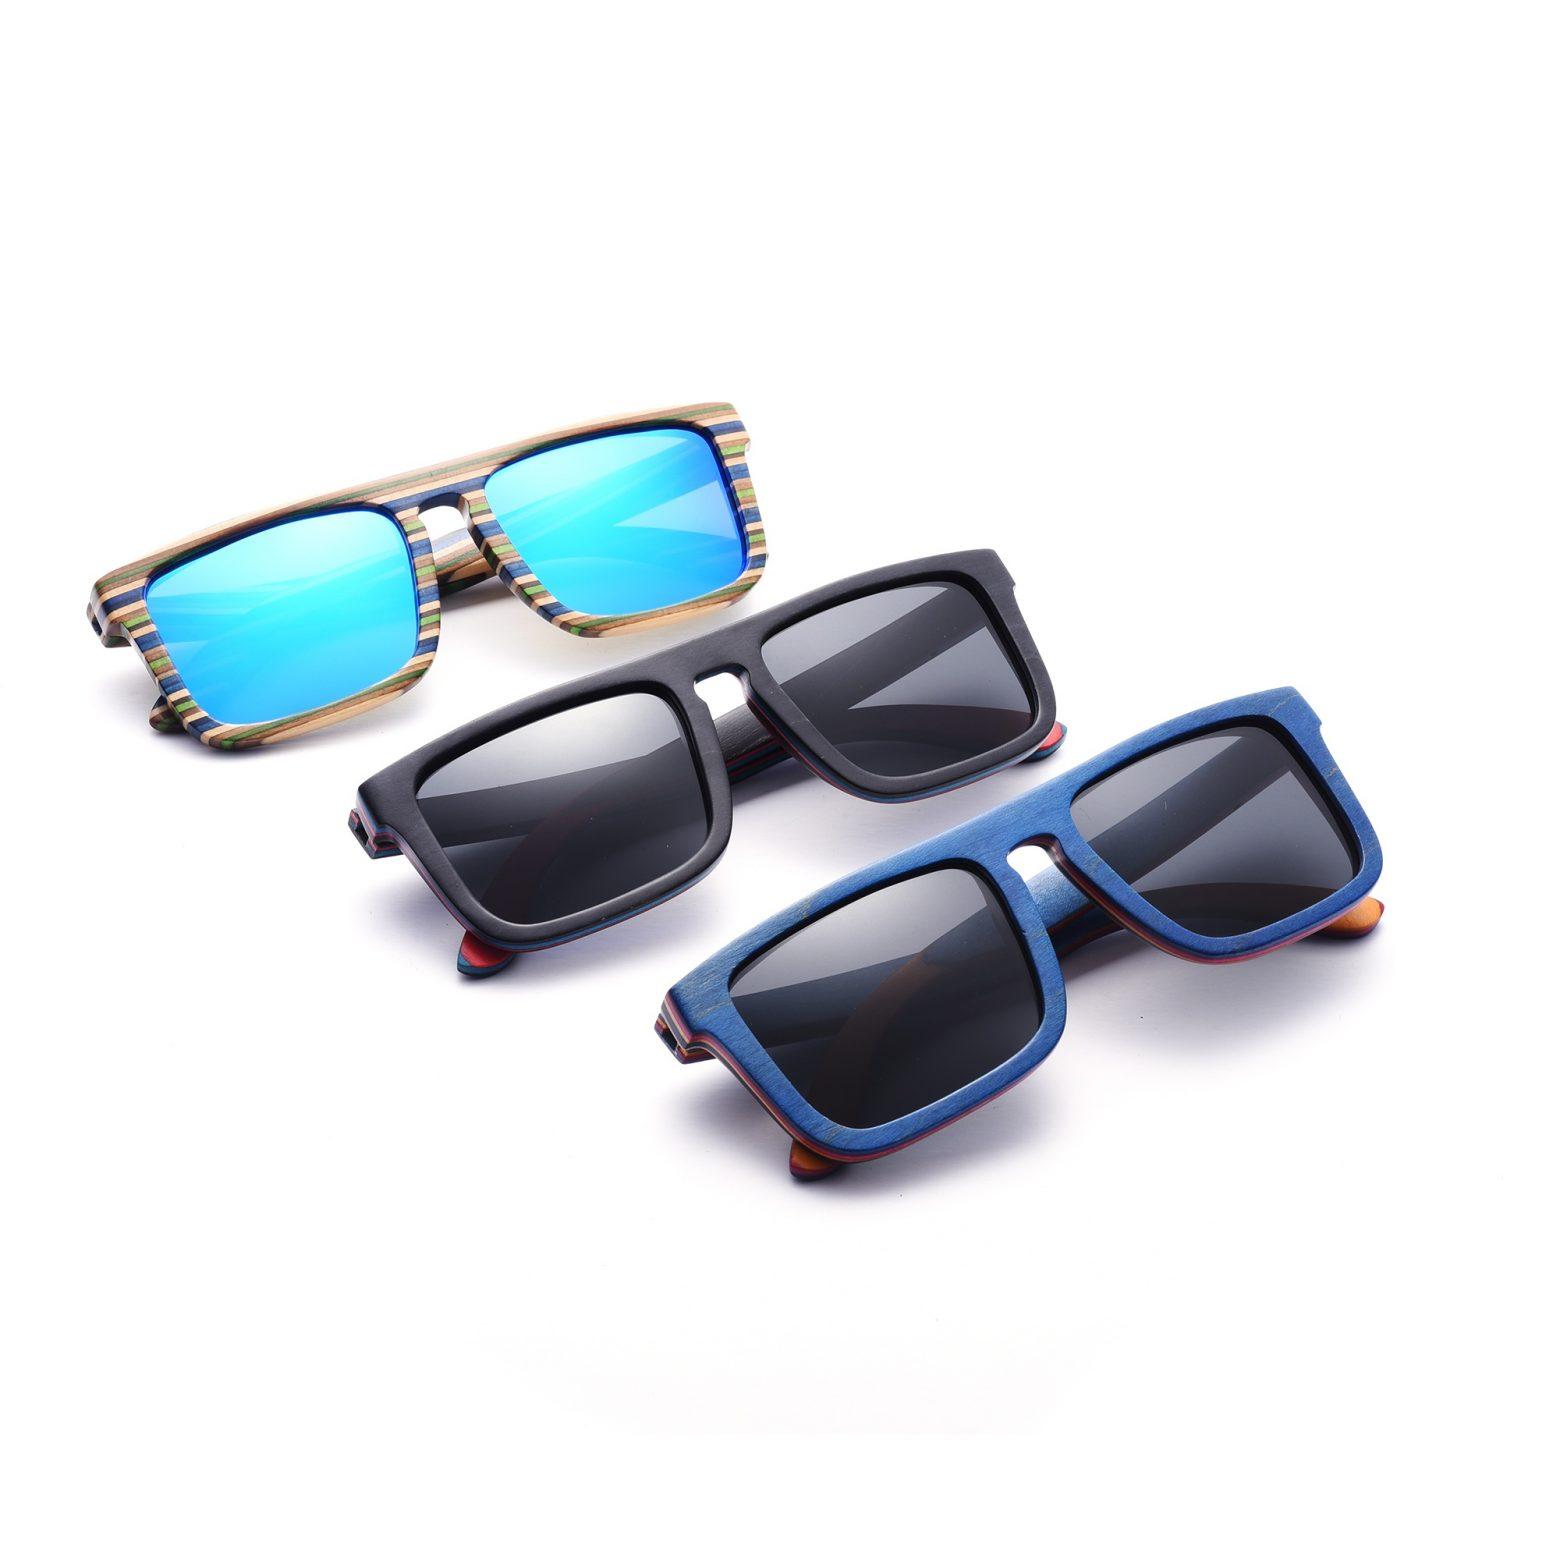 wood-sunglasses-2500253